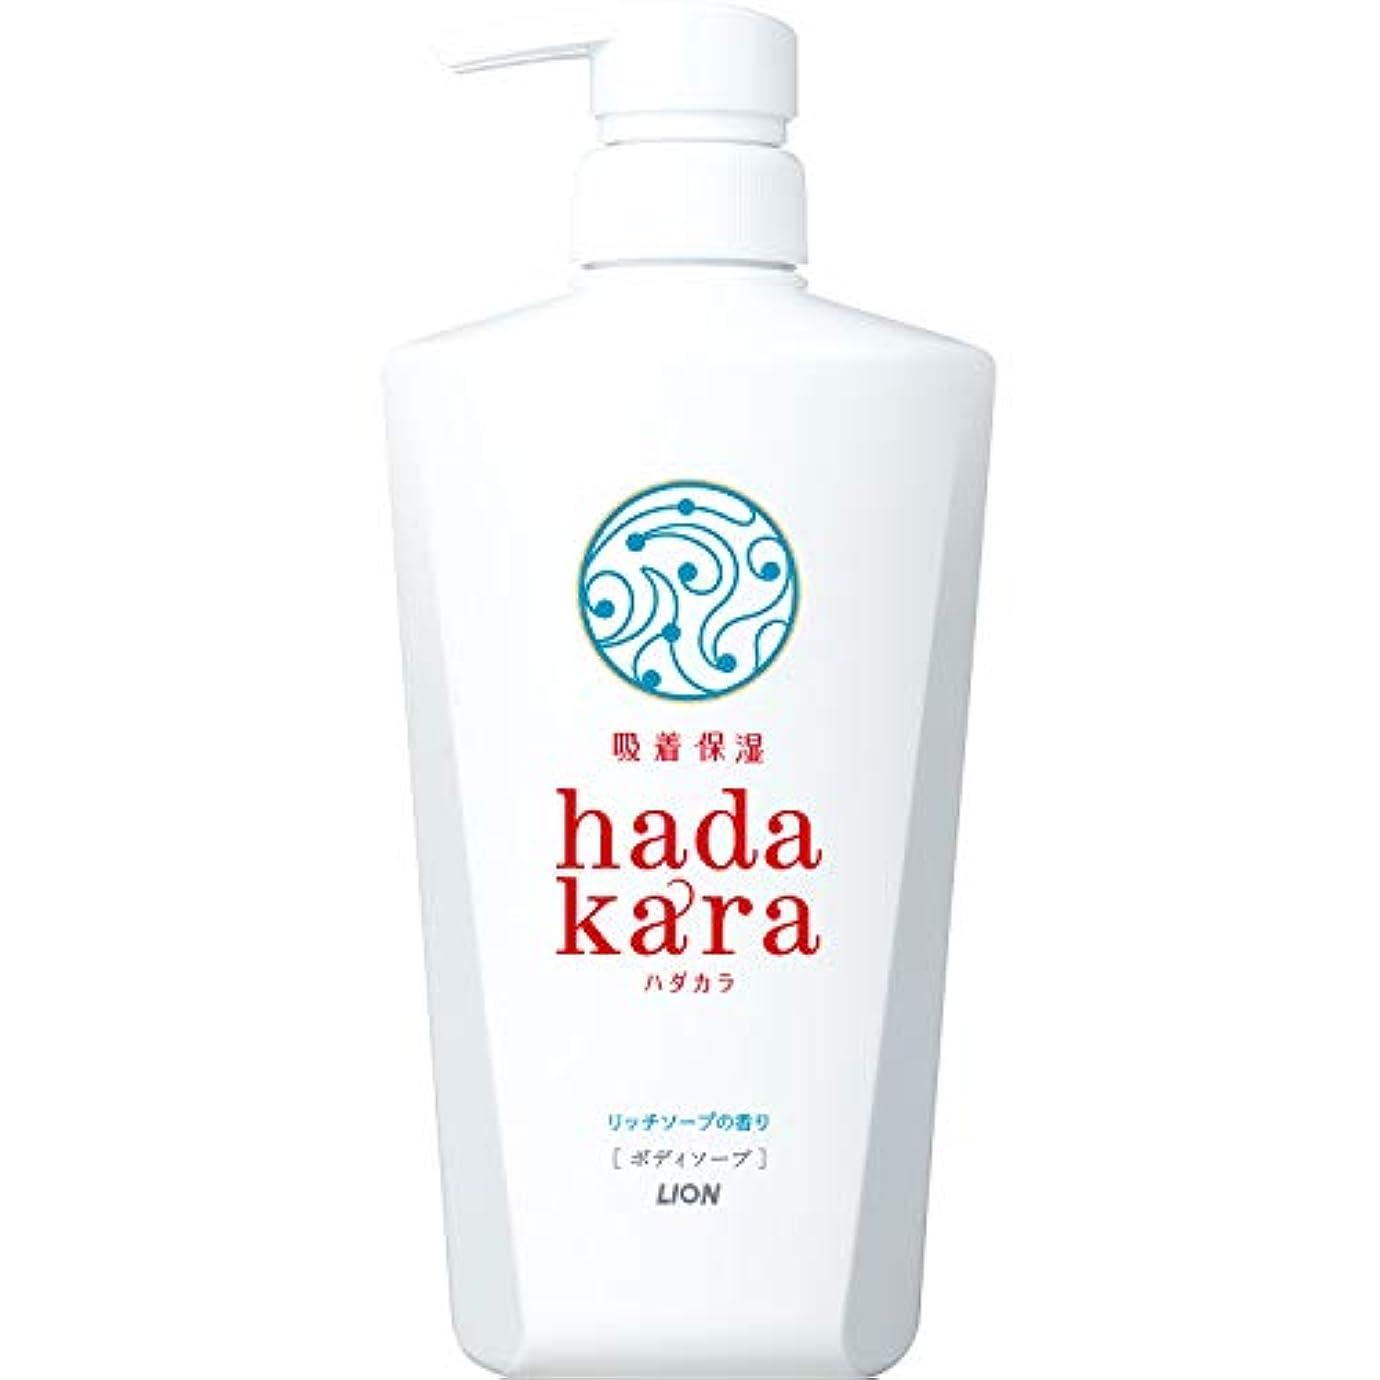 内なるのホスト先見の明hadakara(ハダカラ) ボディソープ リッチソープの香り 本体 500ml